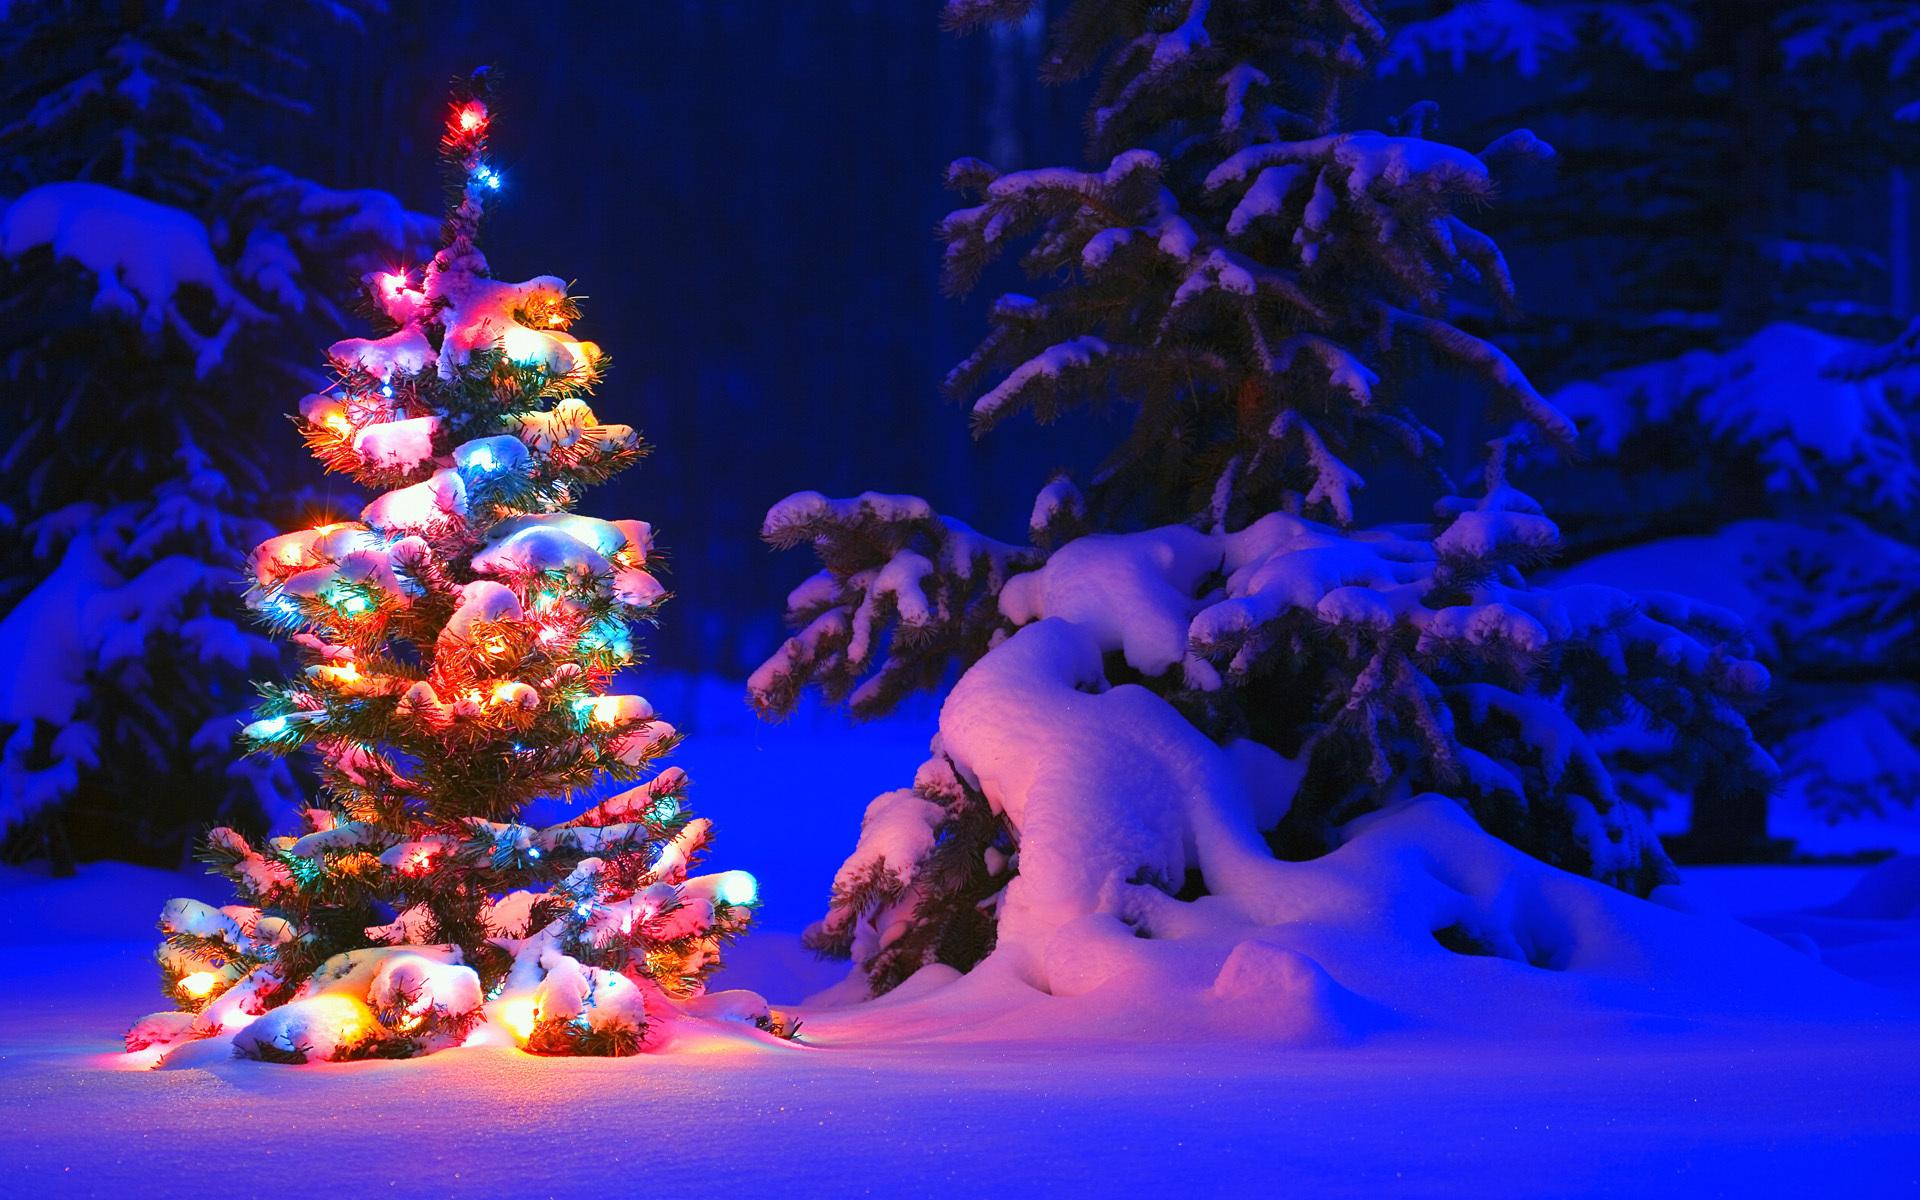 продукции новогодние обои на рабочий стол елка в огнях широкоформатные покрышек стали отдельным